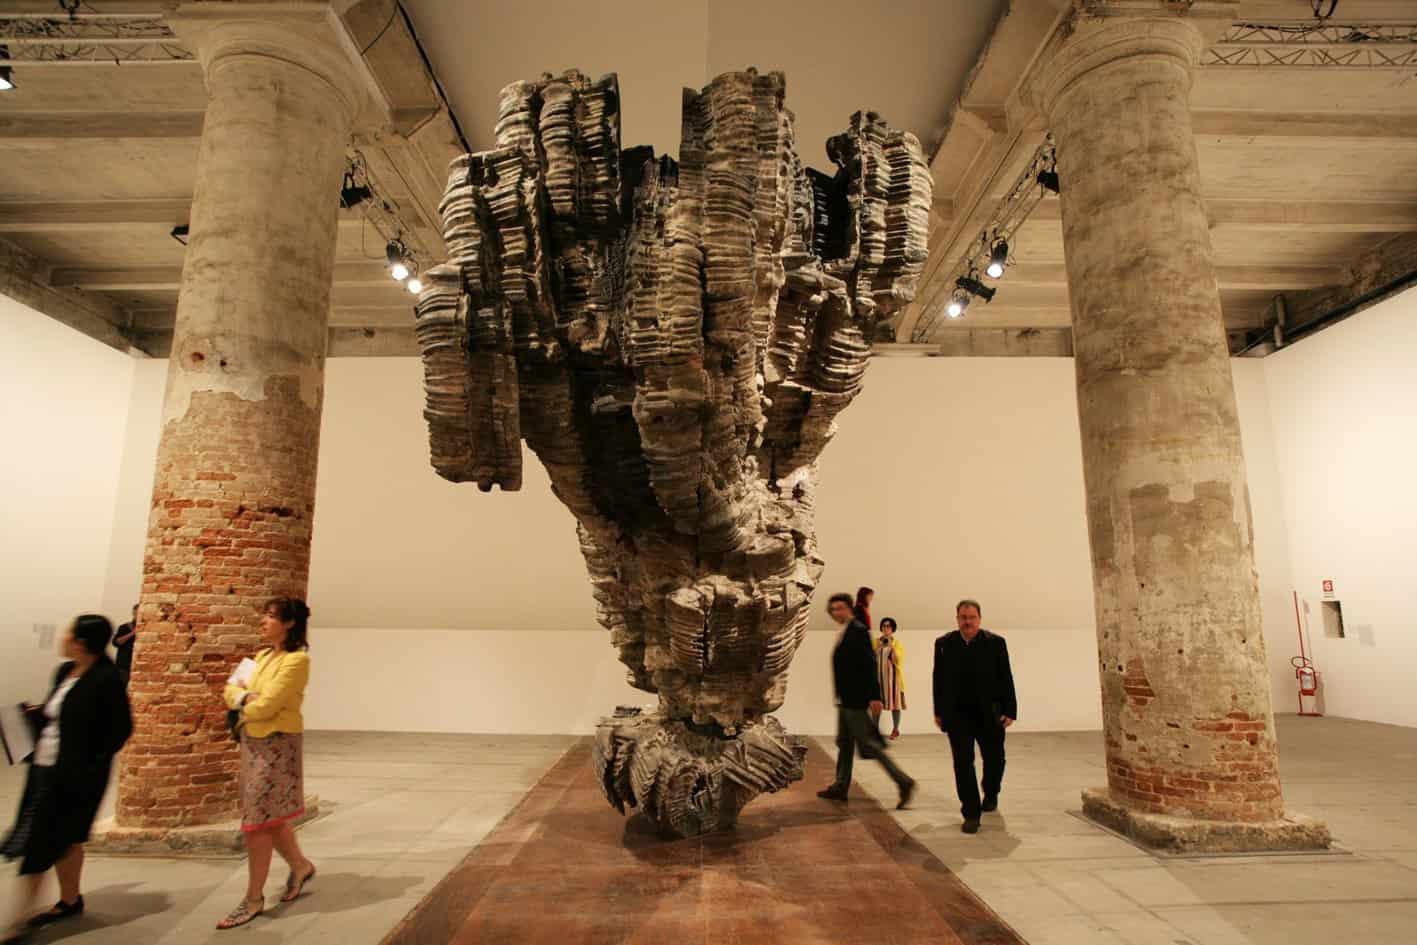 55. Esposizione Internazionale d'Arte - Il Palazzo Enciclopedico - la Biennale di Venezia - Foto F Galli